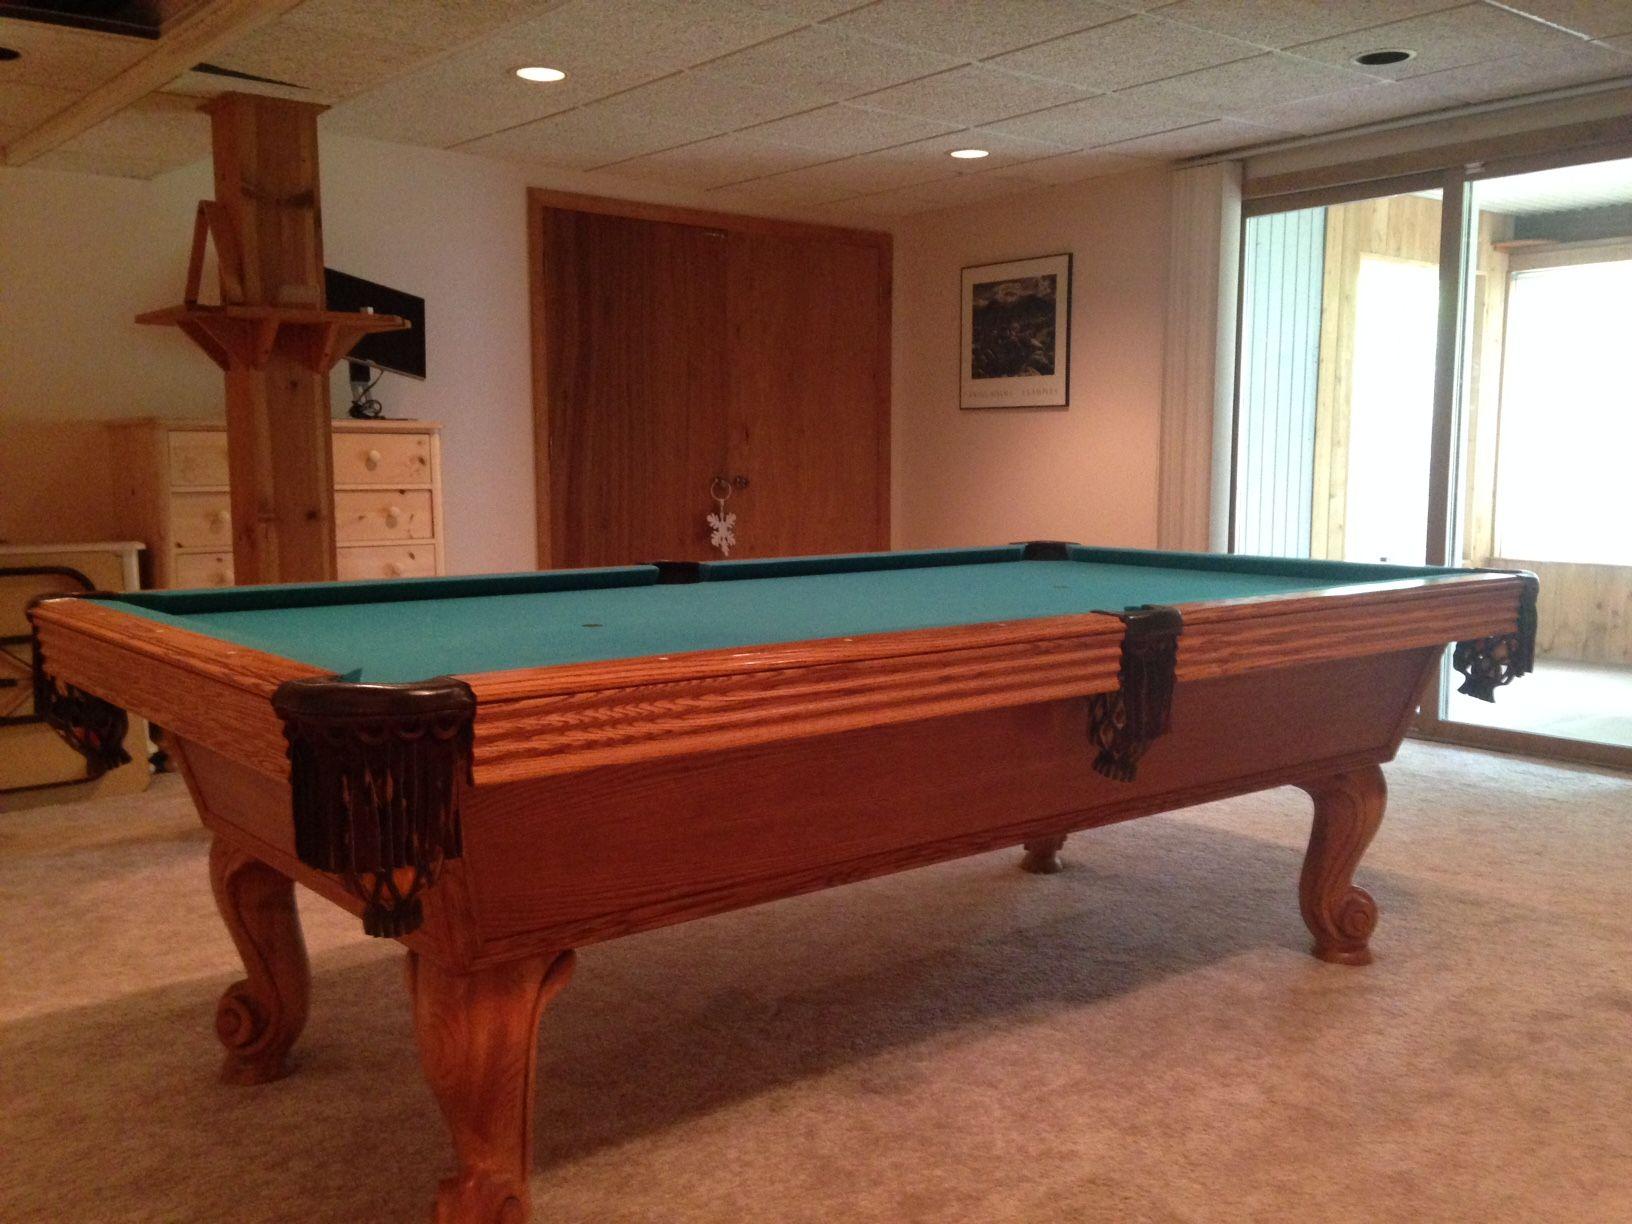 Olhausen Billiards 8u0027 Pool Table